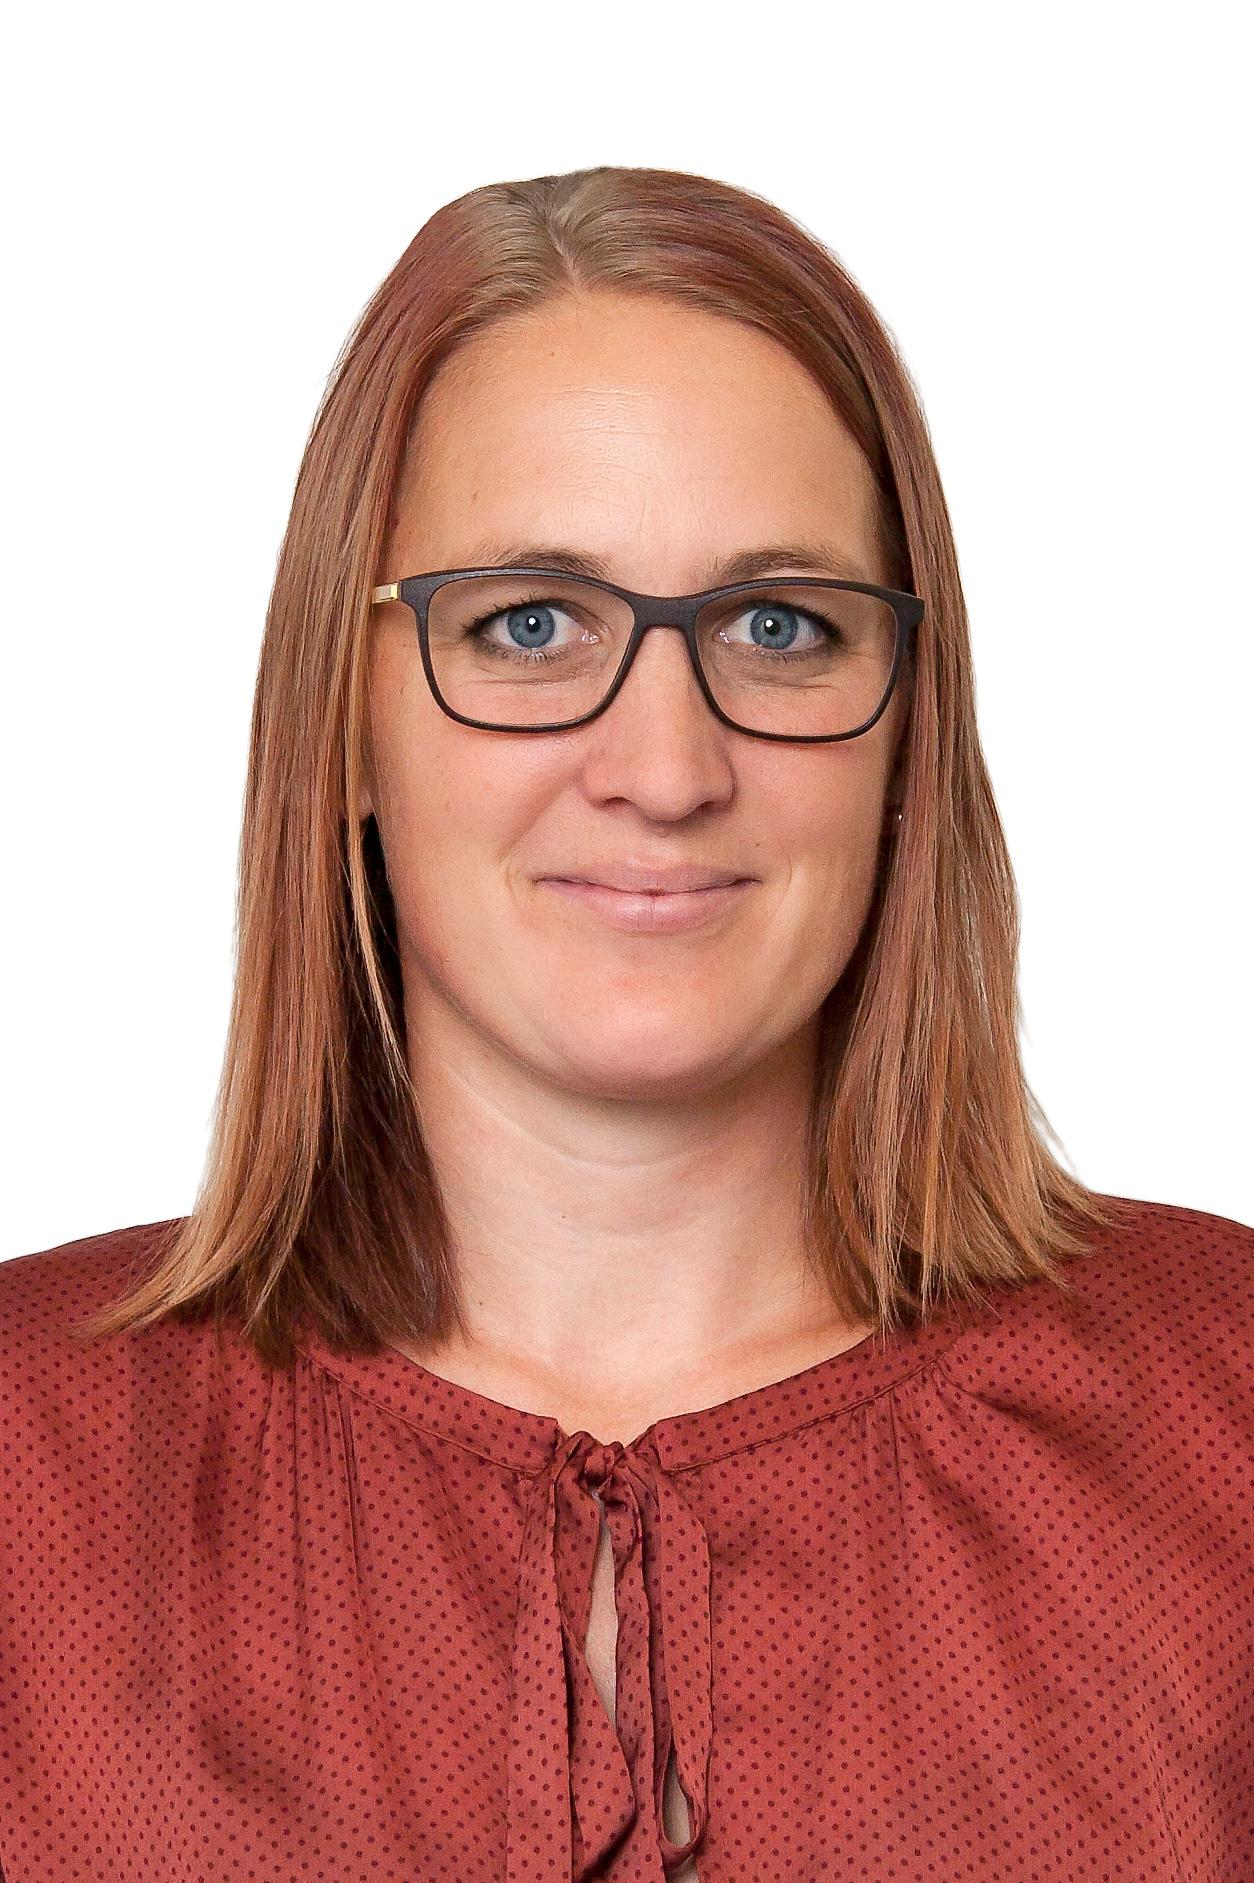 Dr. Silvia Zingg. © Silvia Zingg, HAFL, Berner Fachhochschule